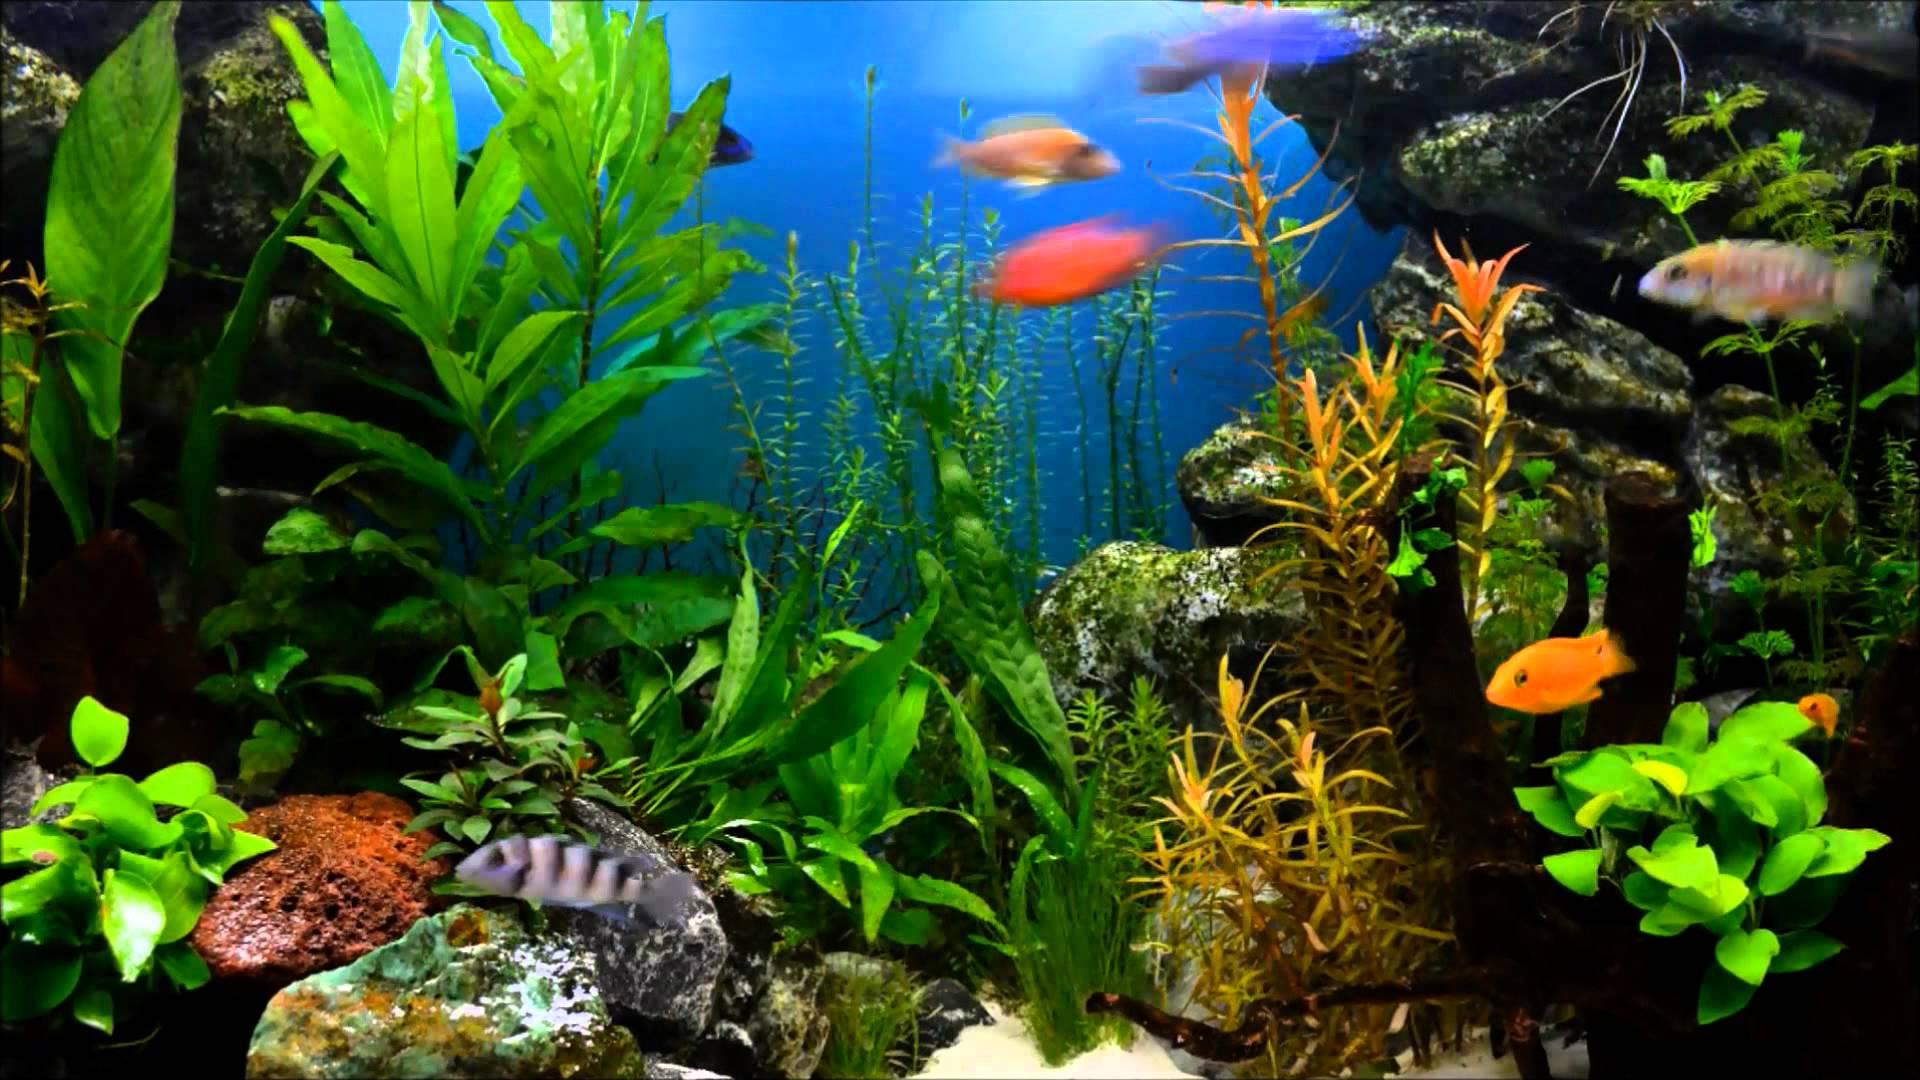 Stunning aquarium picture pictures of aquarium voltagebd Images